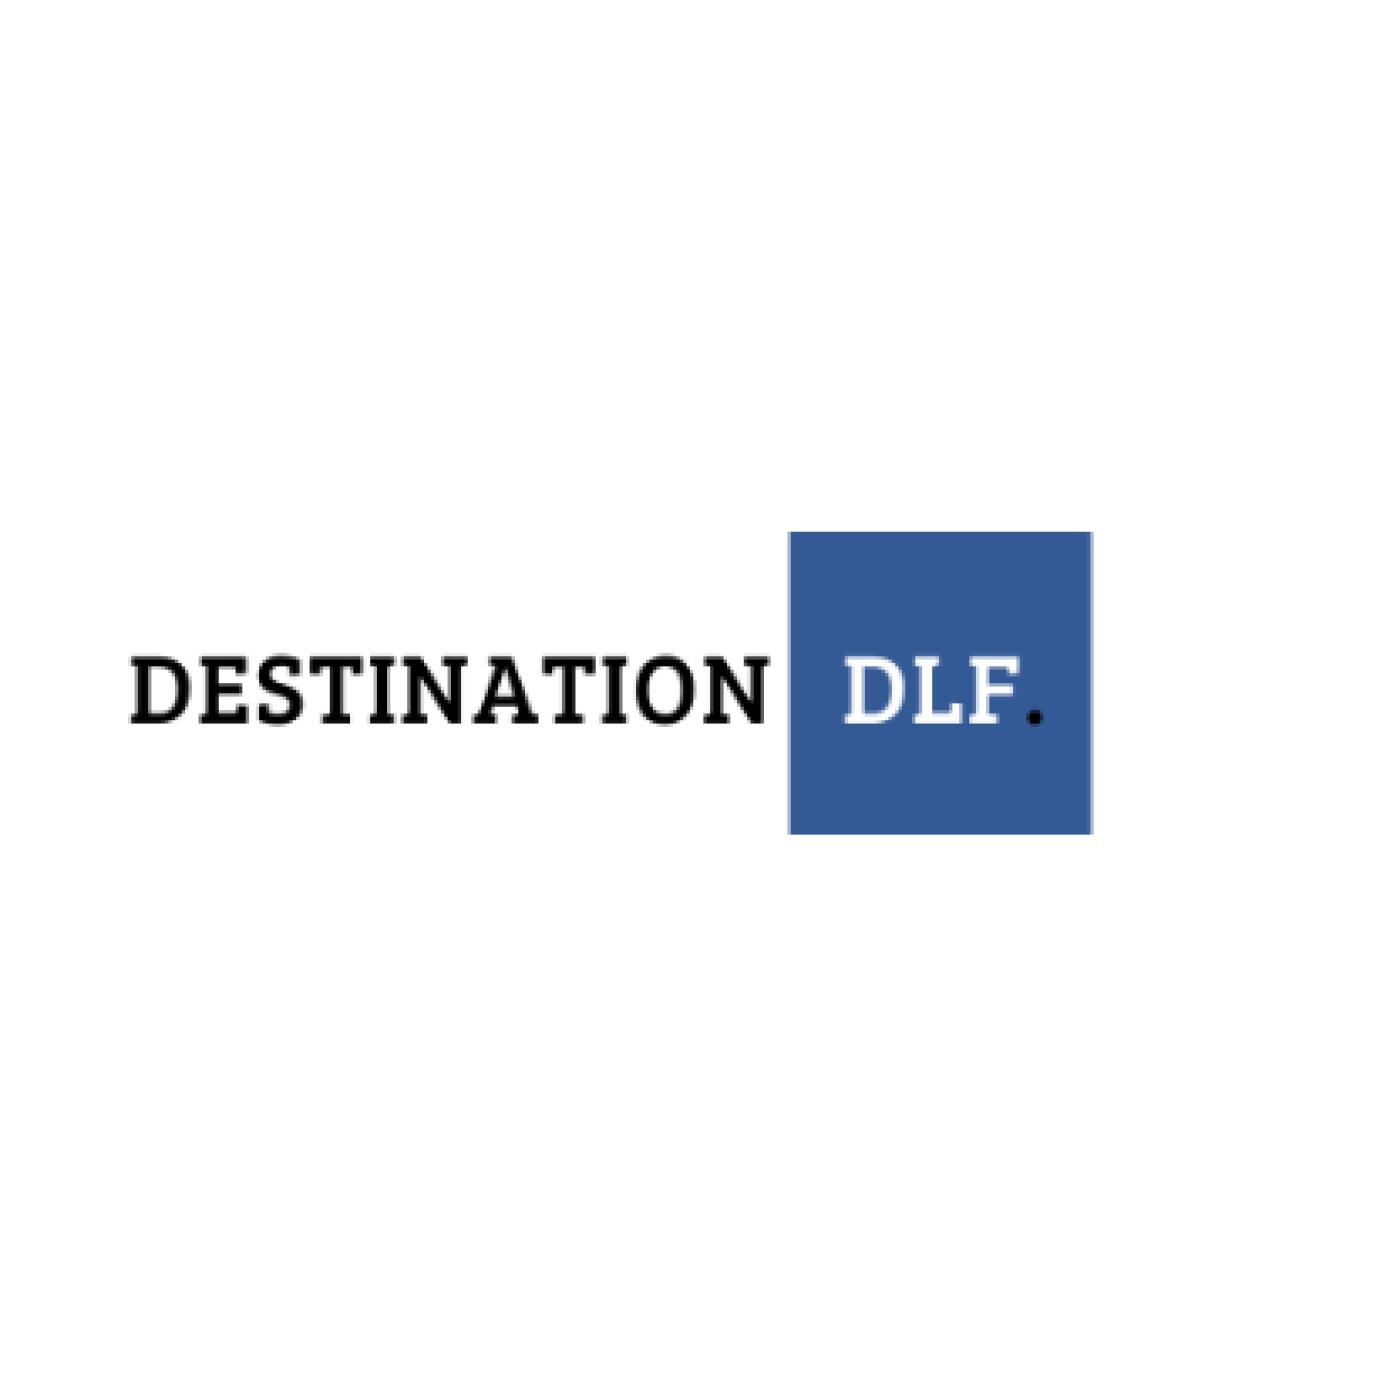 Destination DLF - Actu du mois de février 2021